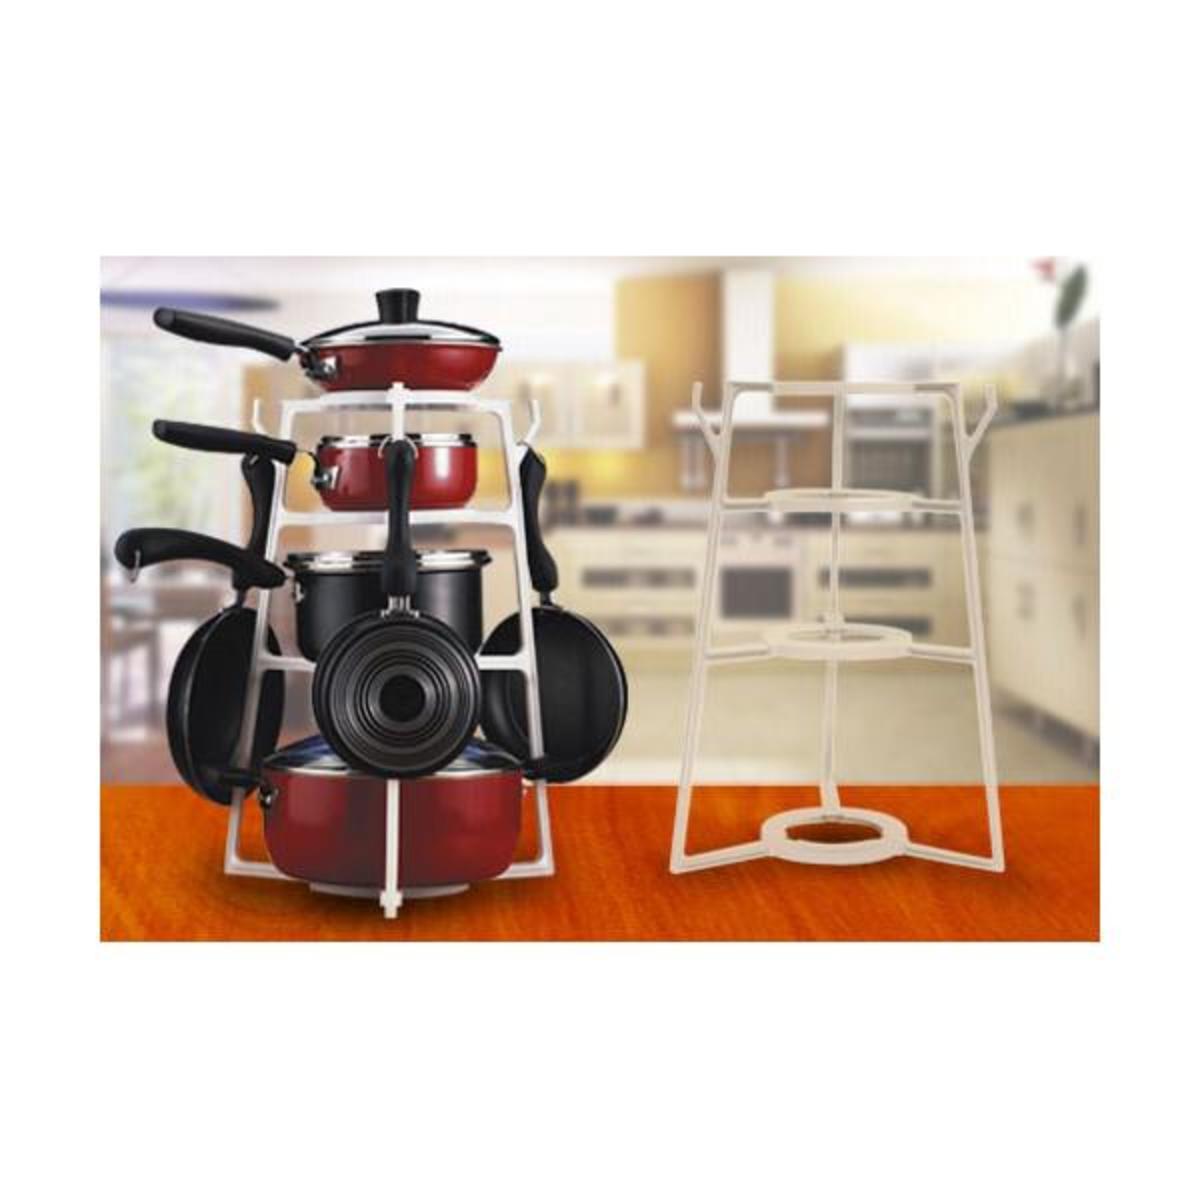 廚房置物四層鍋架 美國最新設計 安裝簡單方便 可承受60斤重量